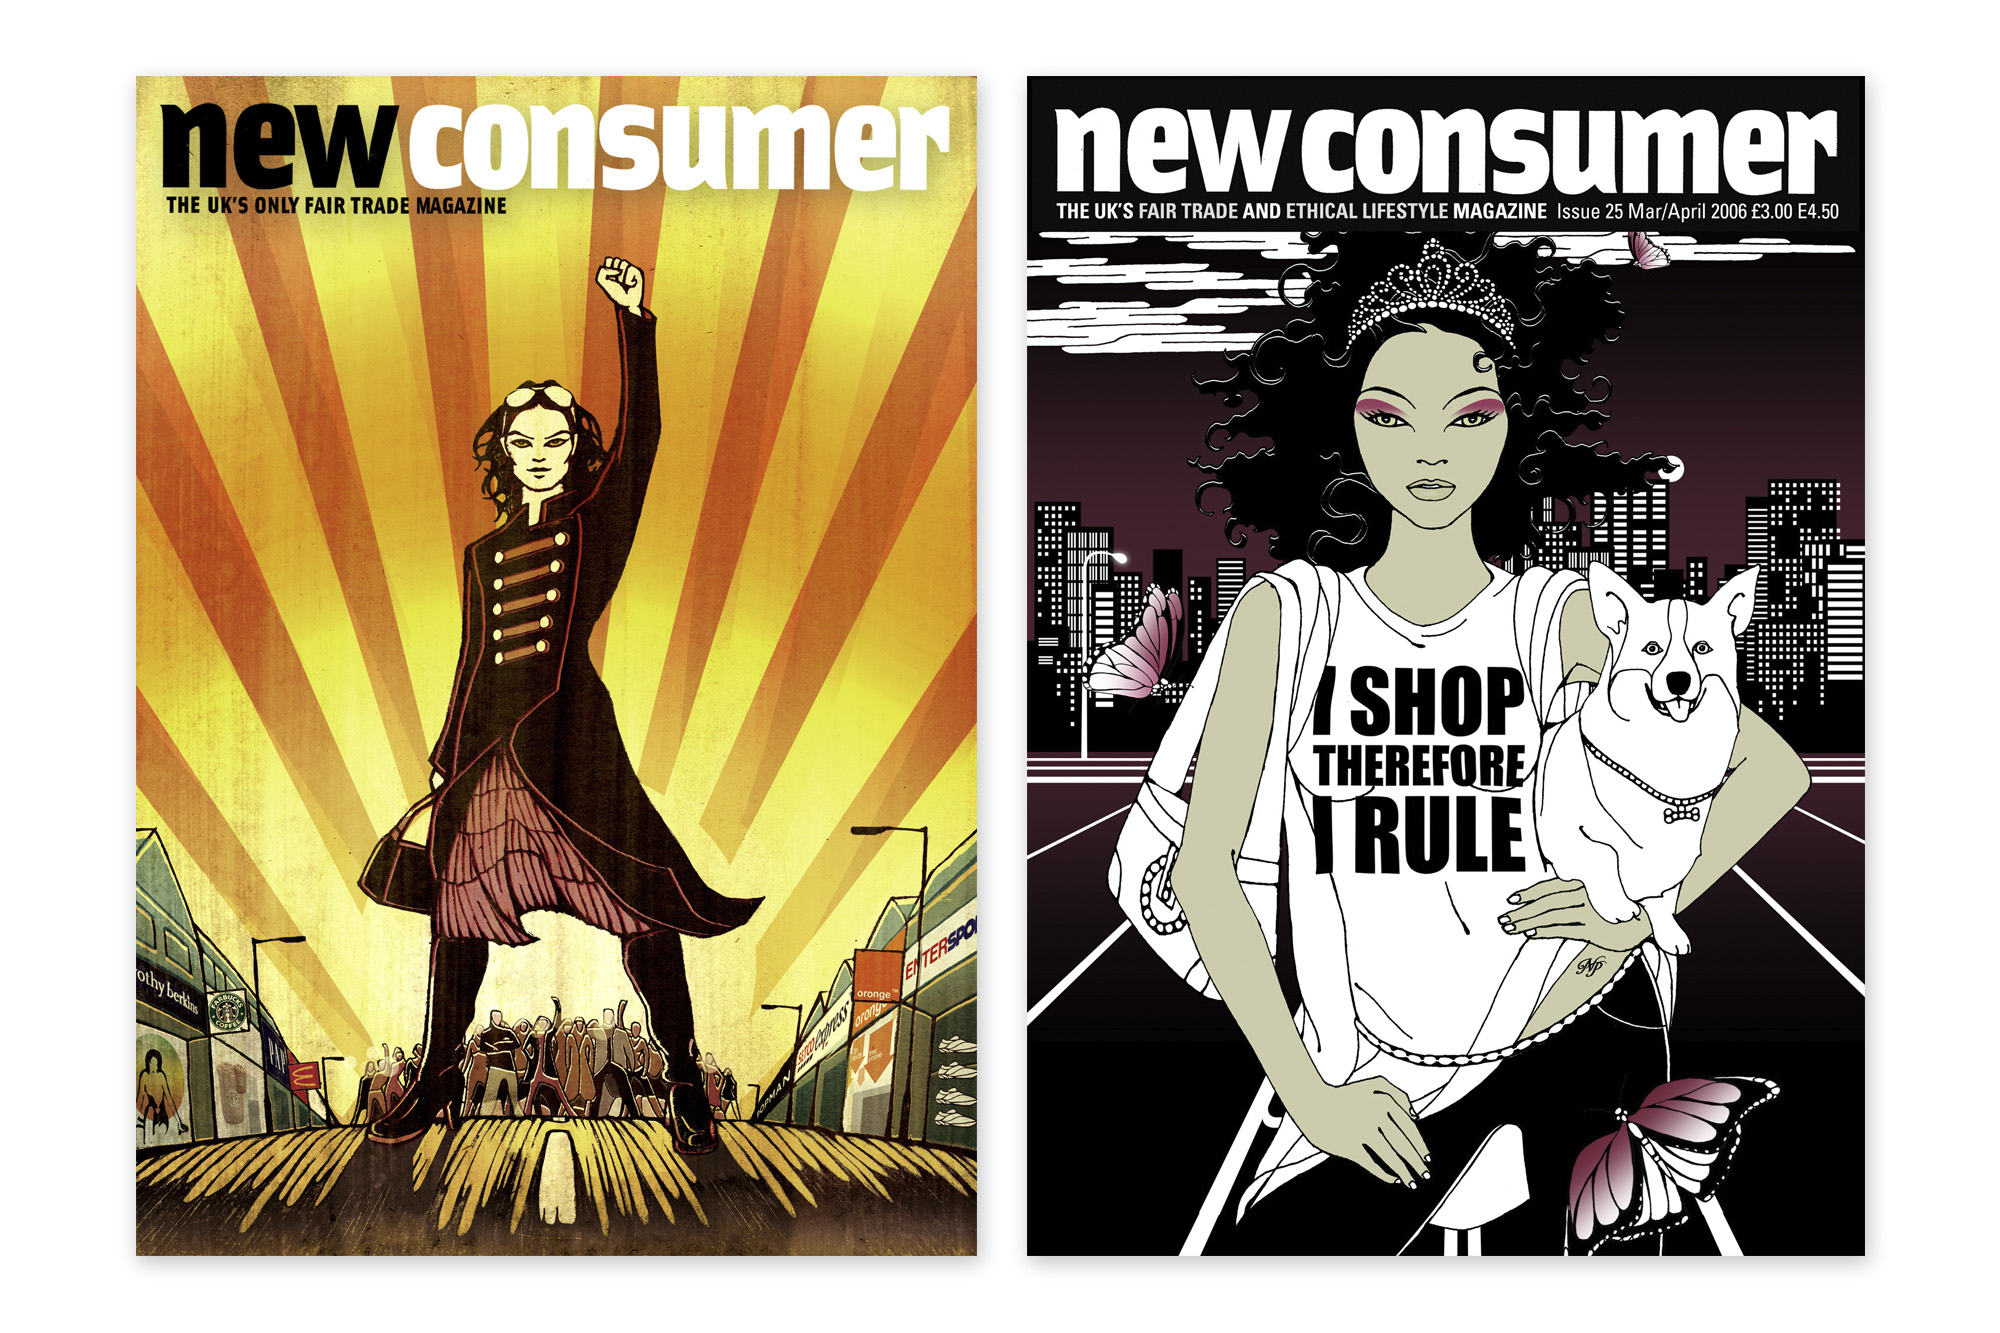 nick-purser-new-consumer-illustration-b